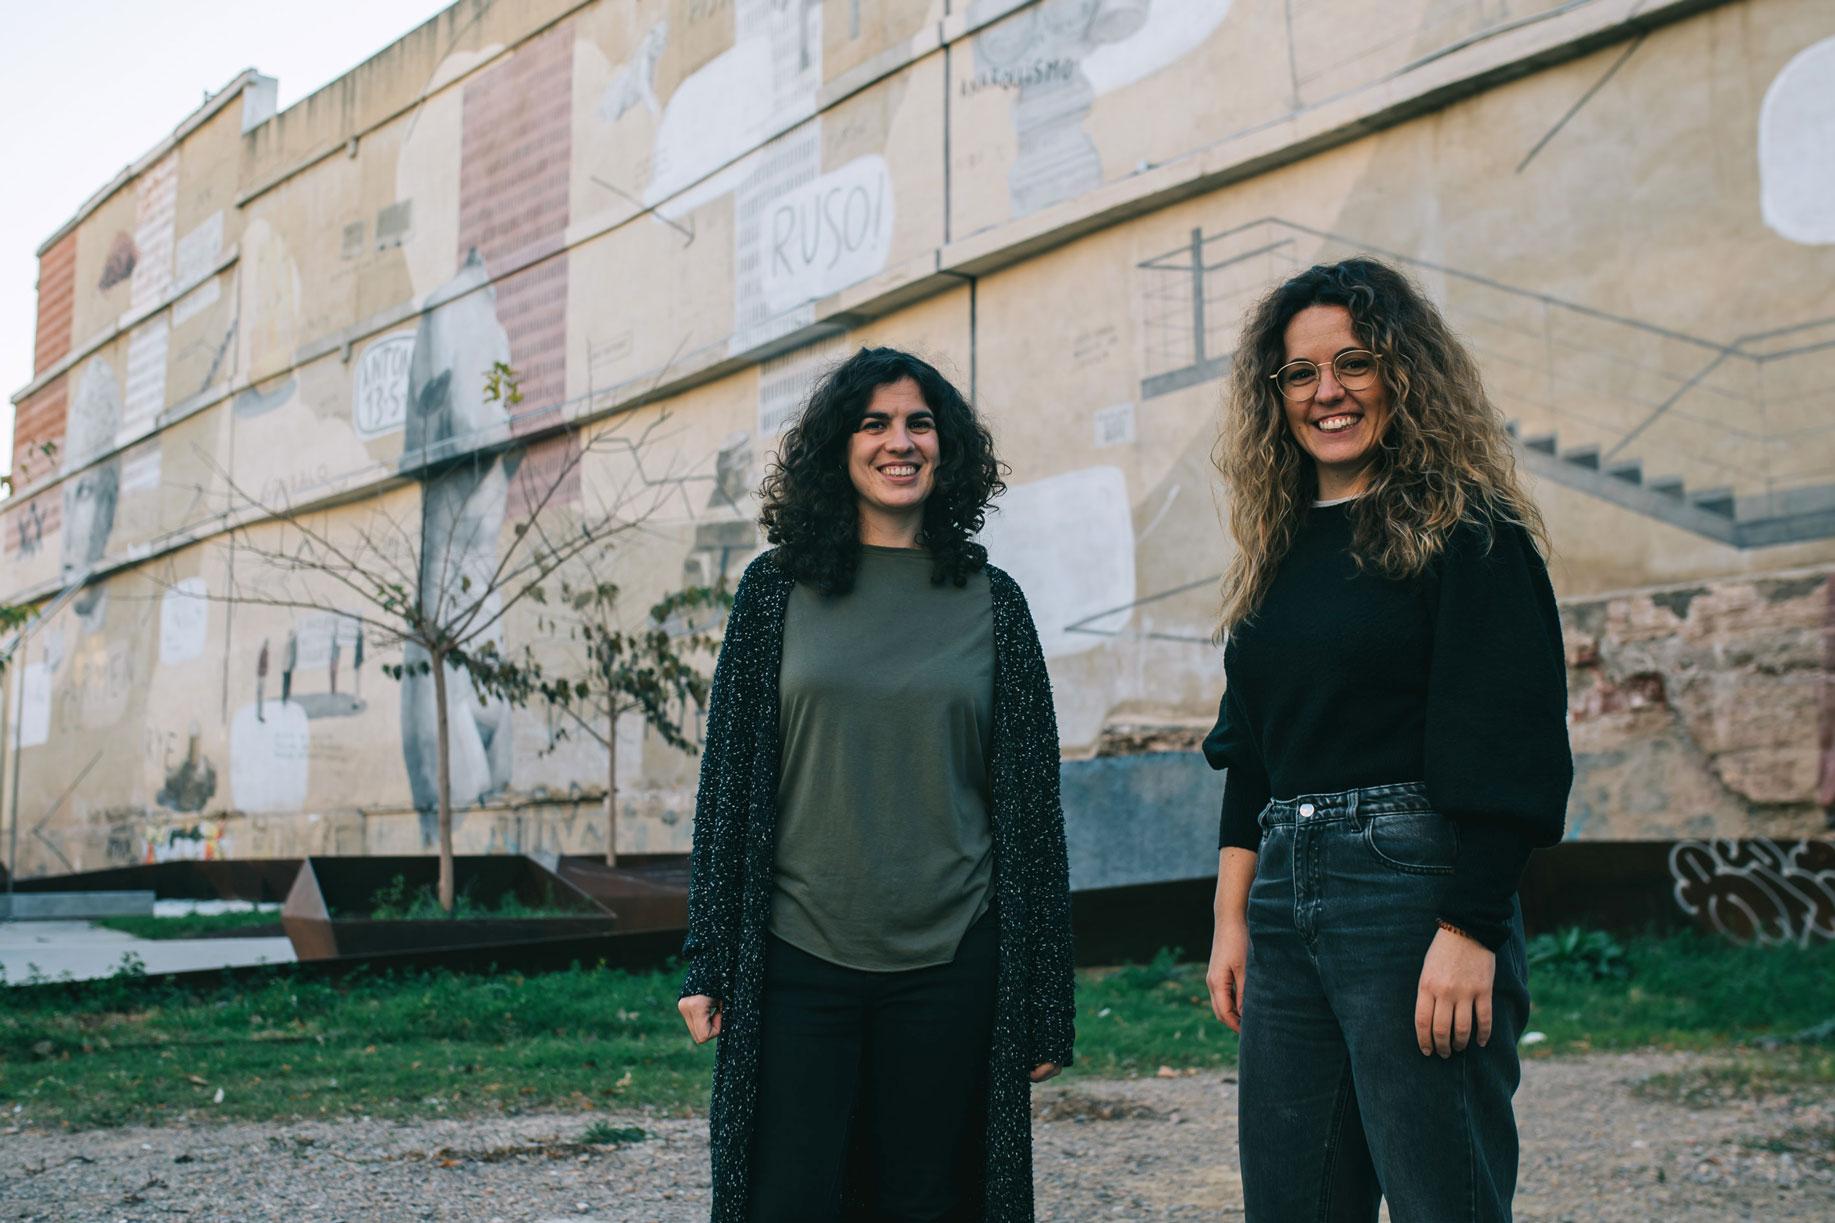 Julia Pineda y Júlia Gomar son arquitectas del colectivo Crearqció.